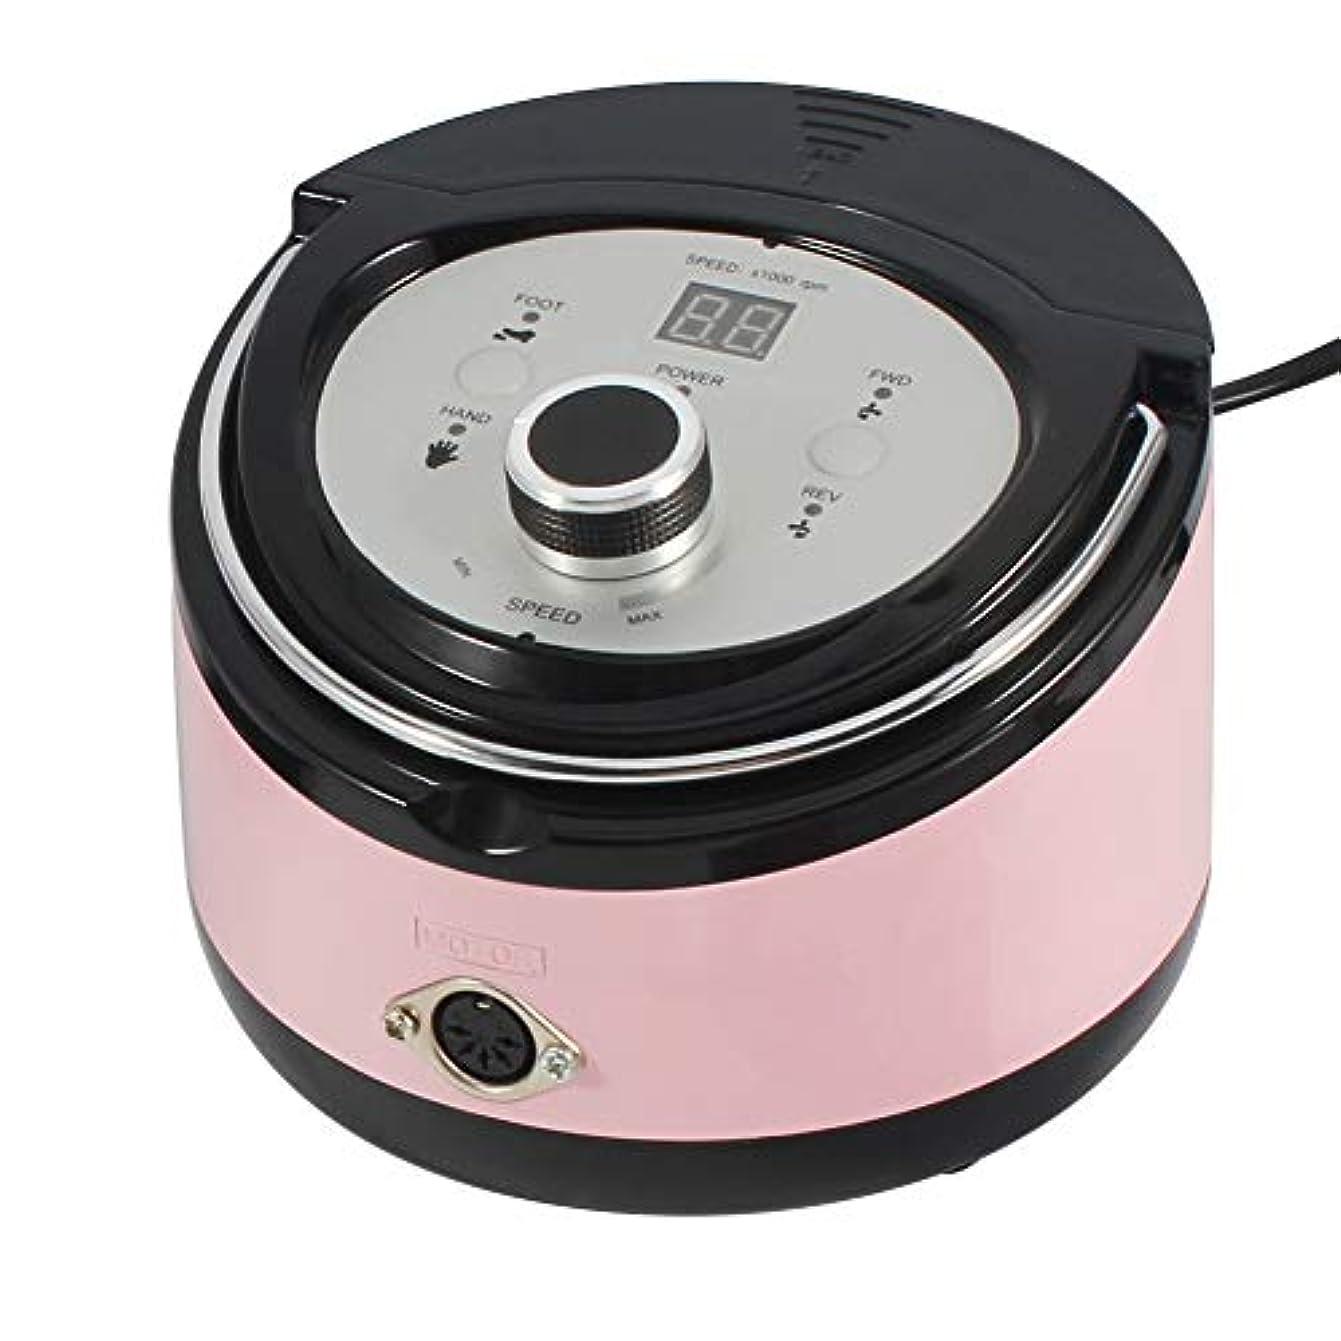 サーバ気を散らすギャロップ電気マニキュアは専門の電気釘のドリル機械45W 35000RPMのポリッシャペディキュアのための調節可能な速度LEDスクリーンをあけます,ピンク